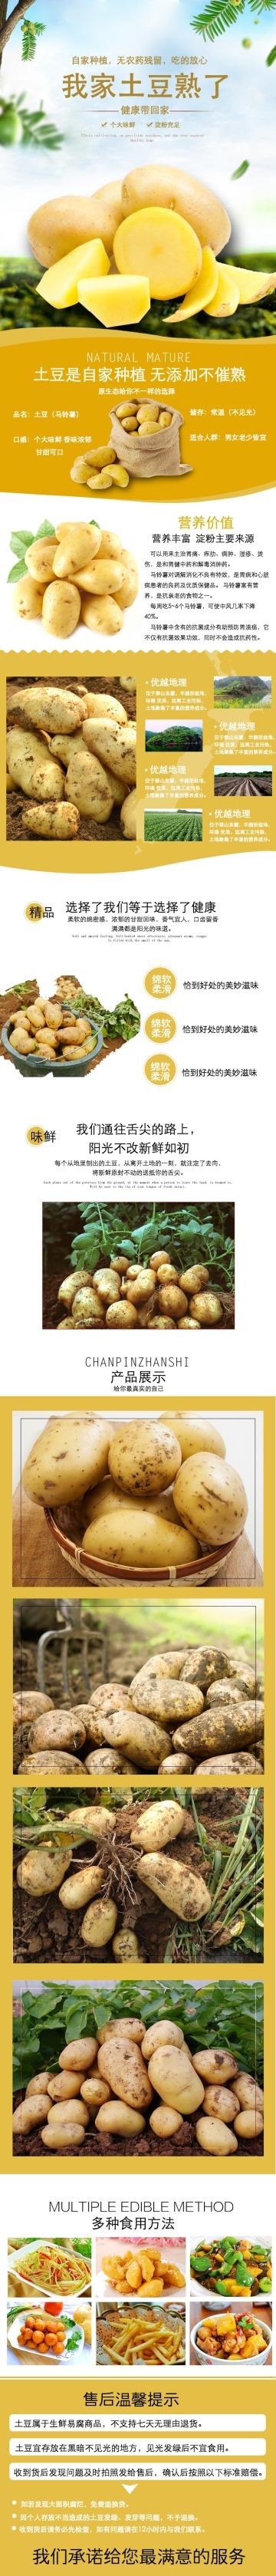 黄色清新文艺生鲜水果土豆宣传营销电商宝贝详情